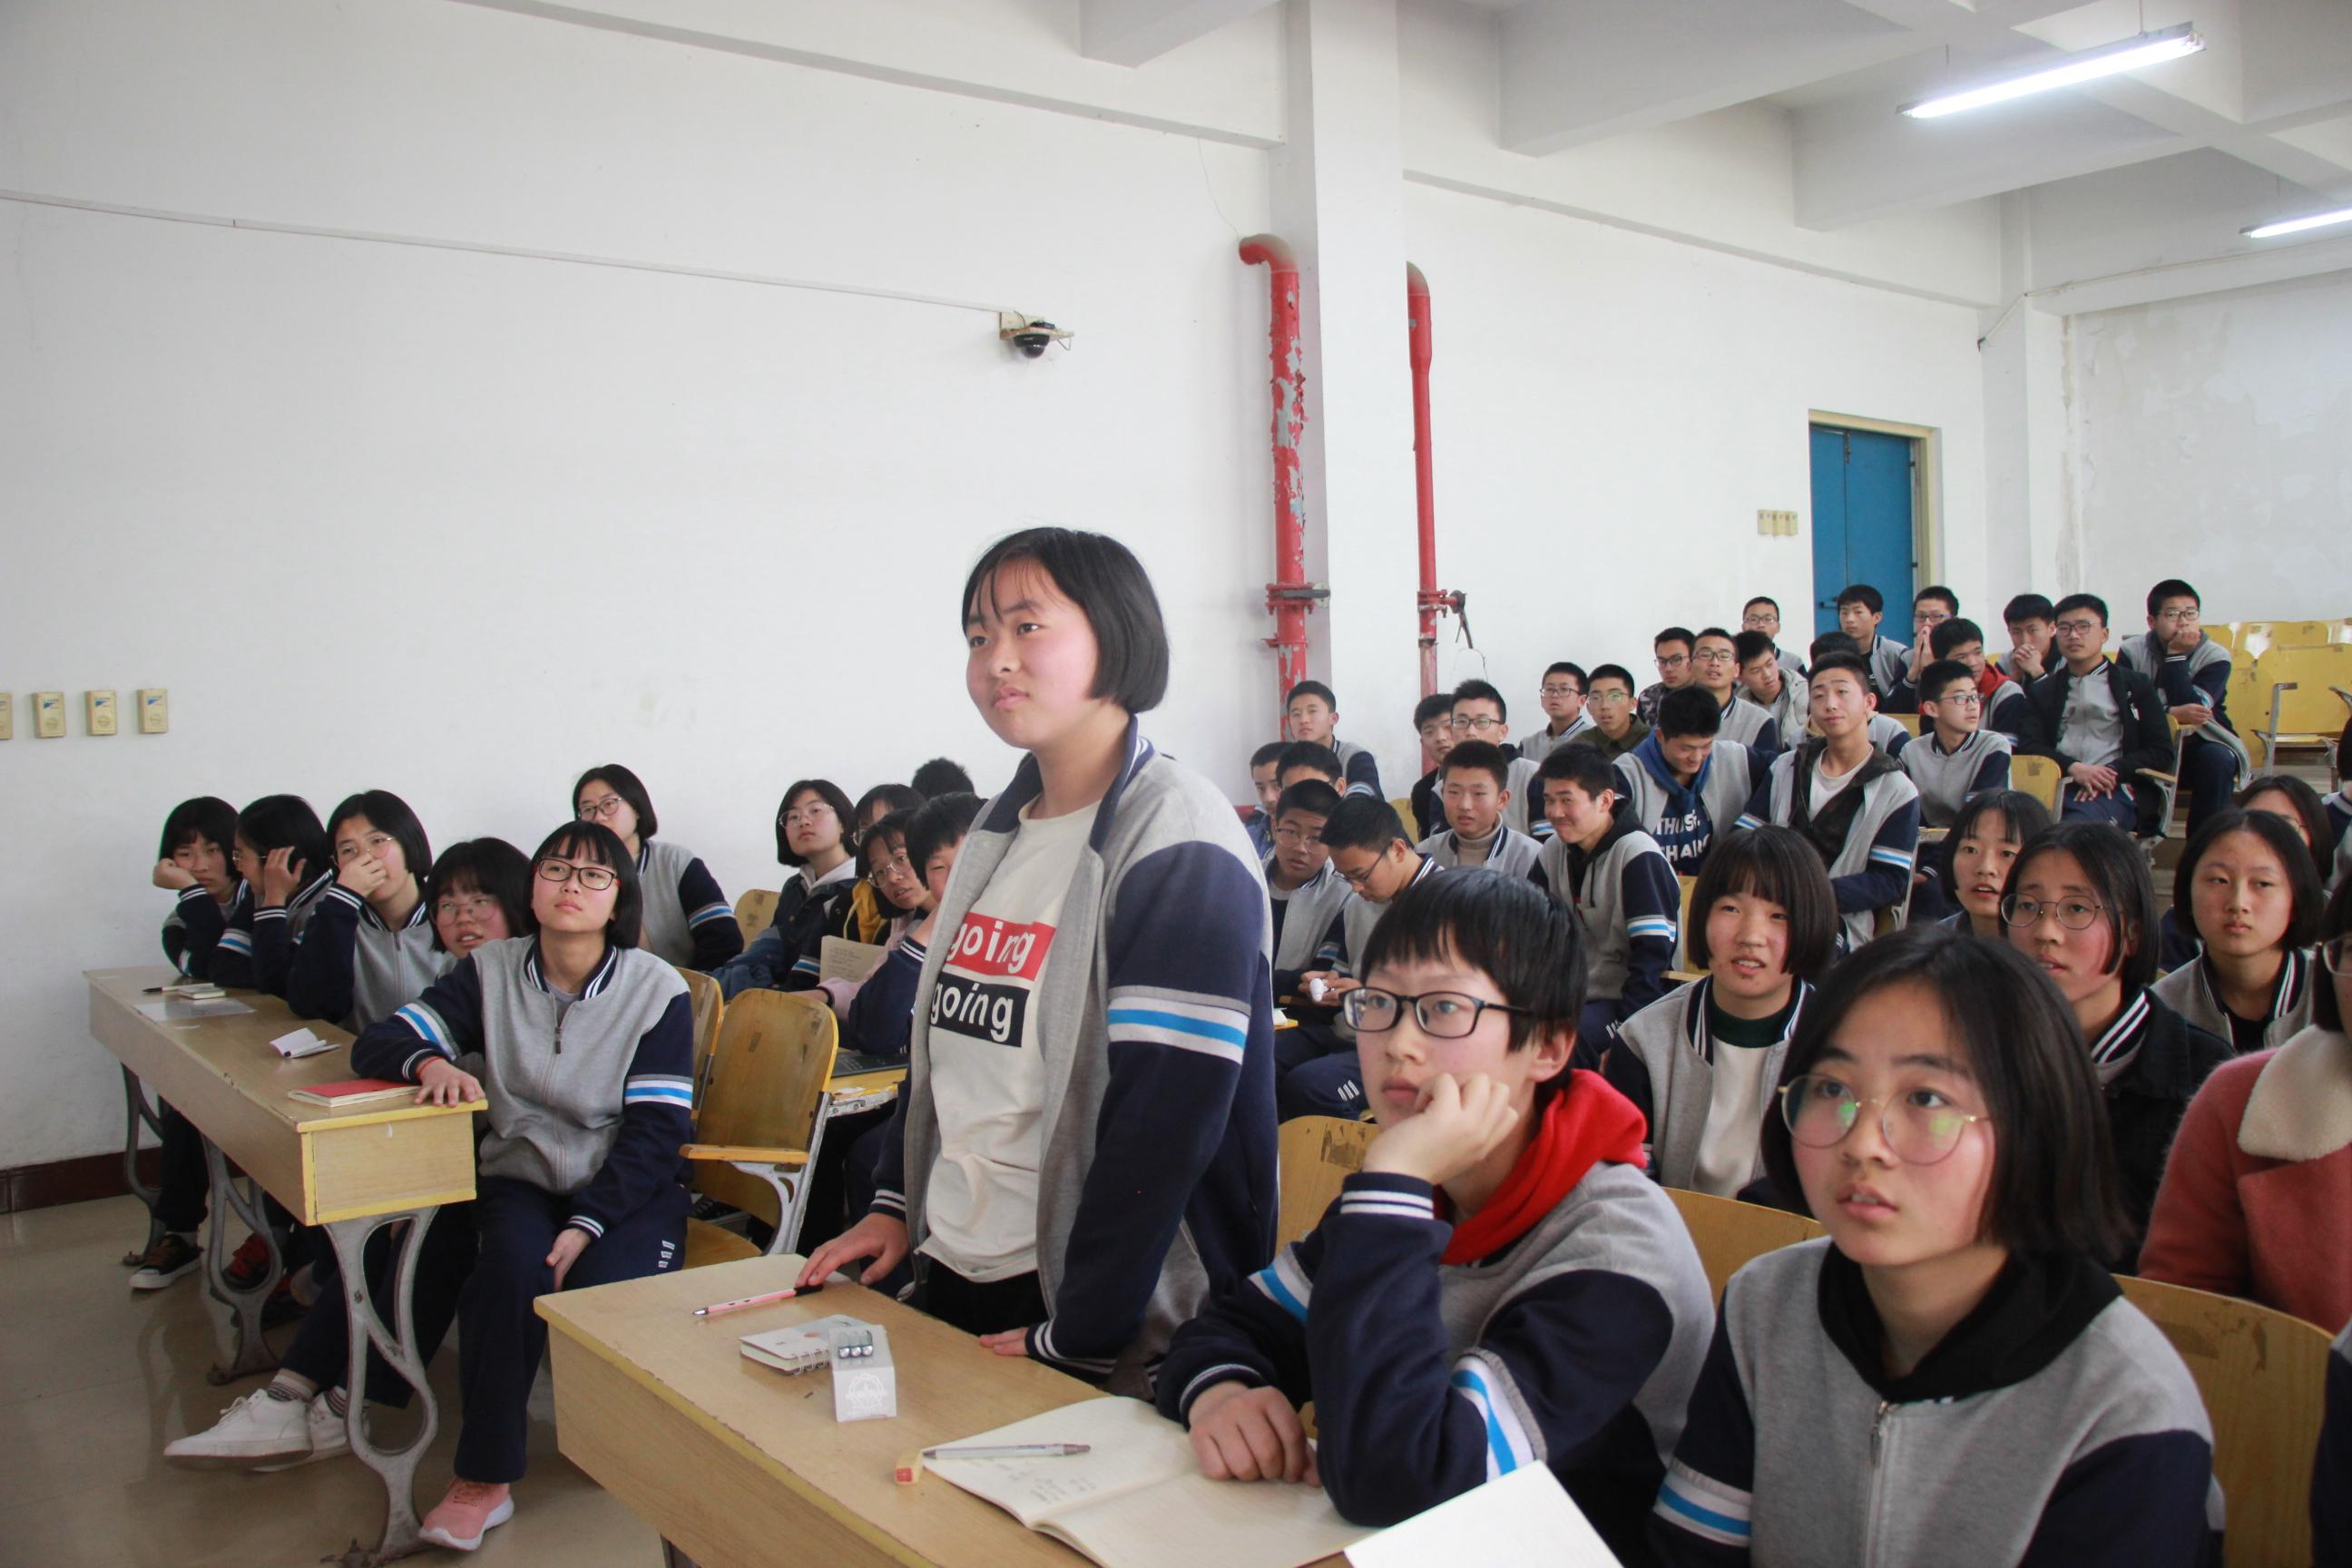 哈尔滨工业大学招生负责人莅校做招生宣讲-微信图片_20190330175257